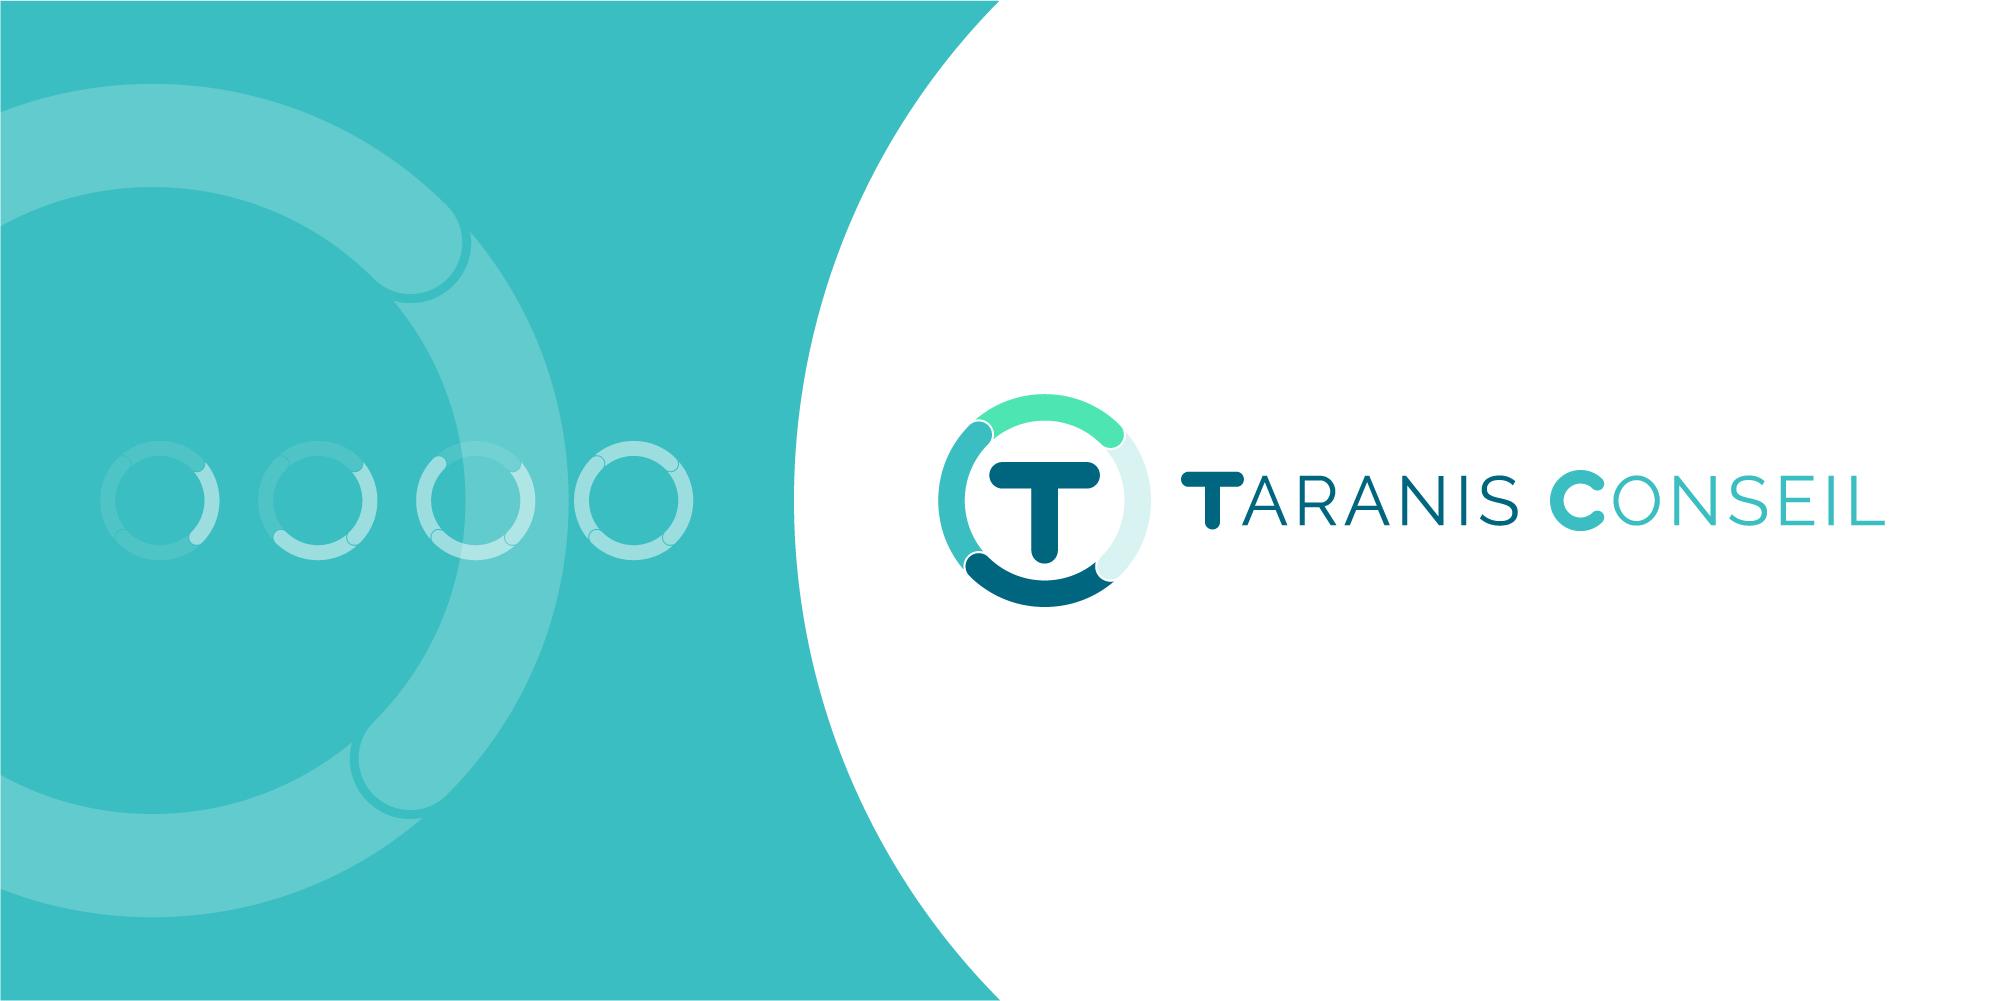 logo taranis conseil